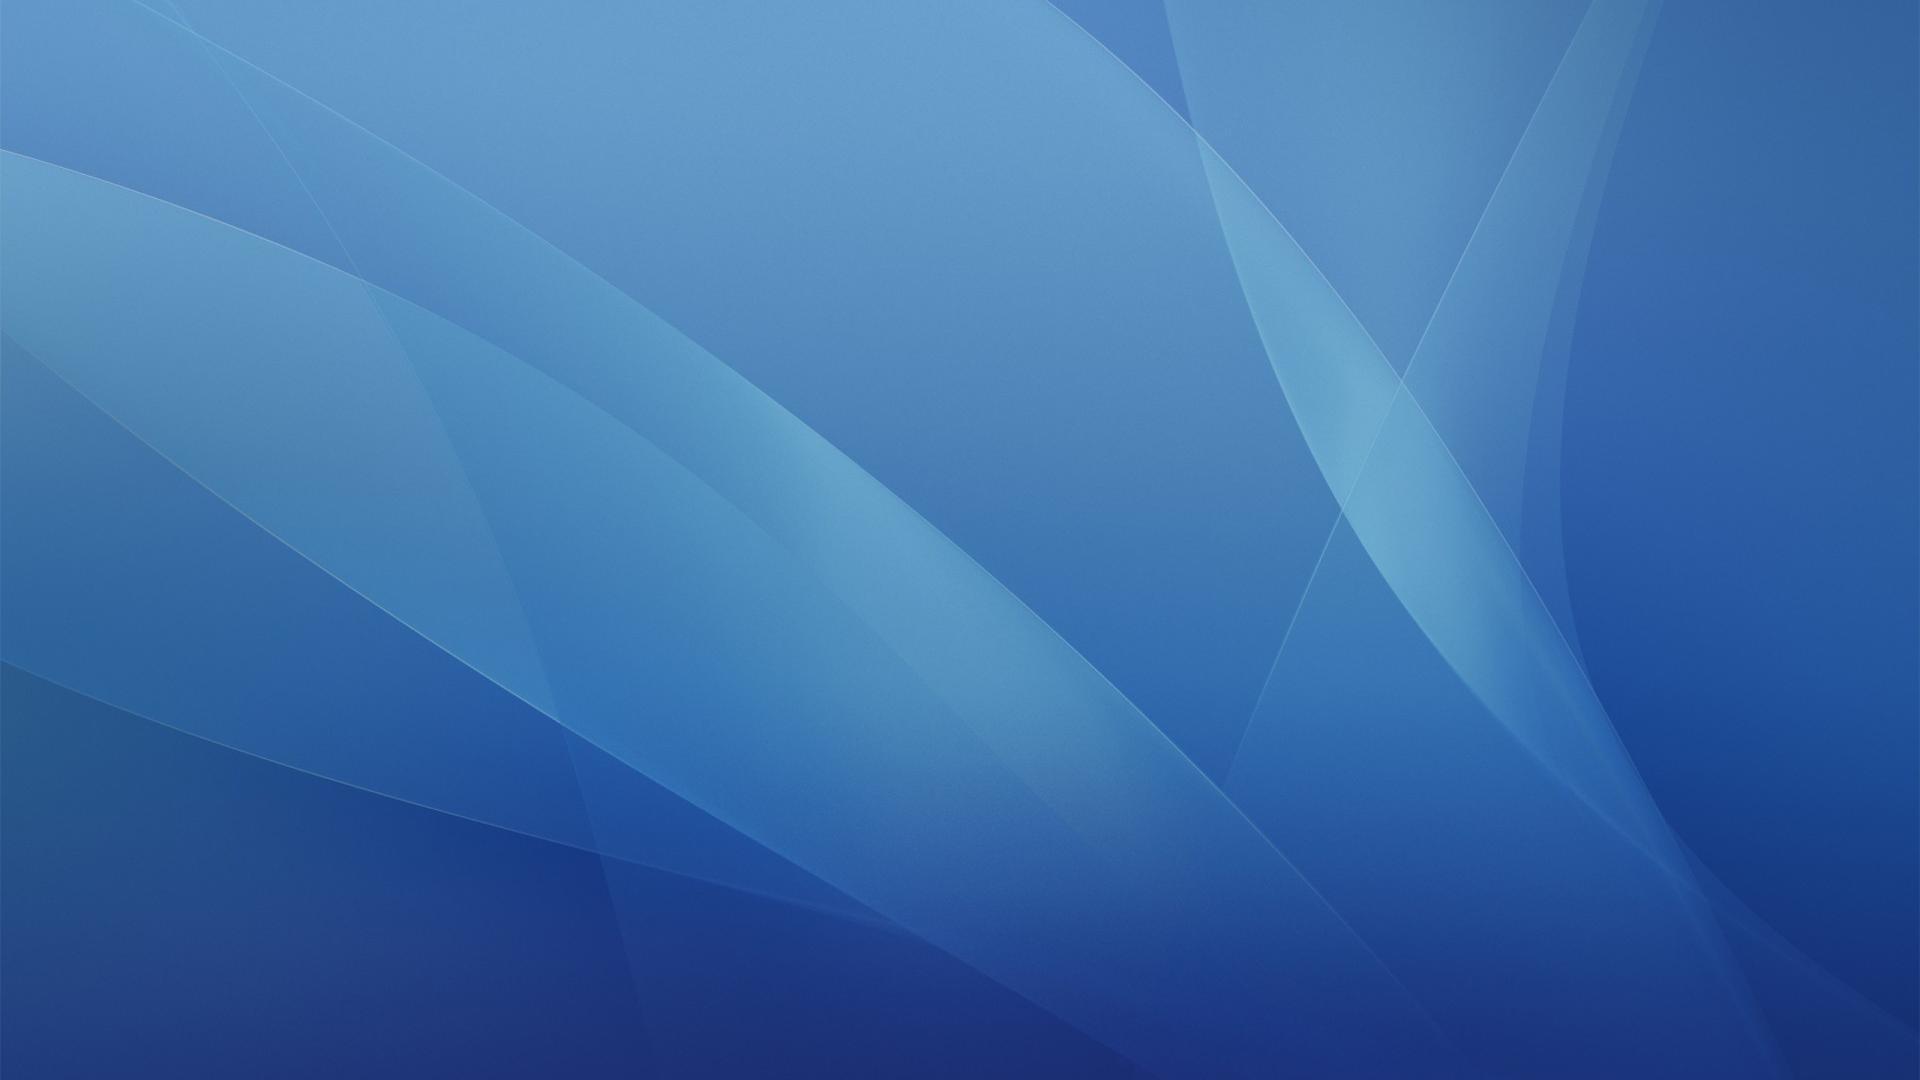 Blue HD 1920x1080 Wallpaper